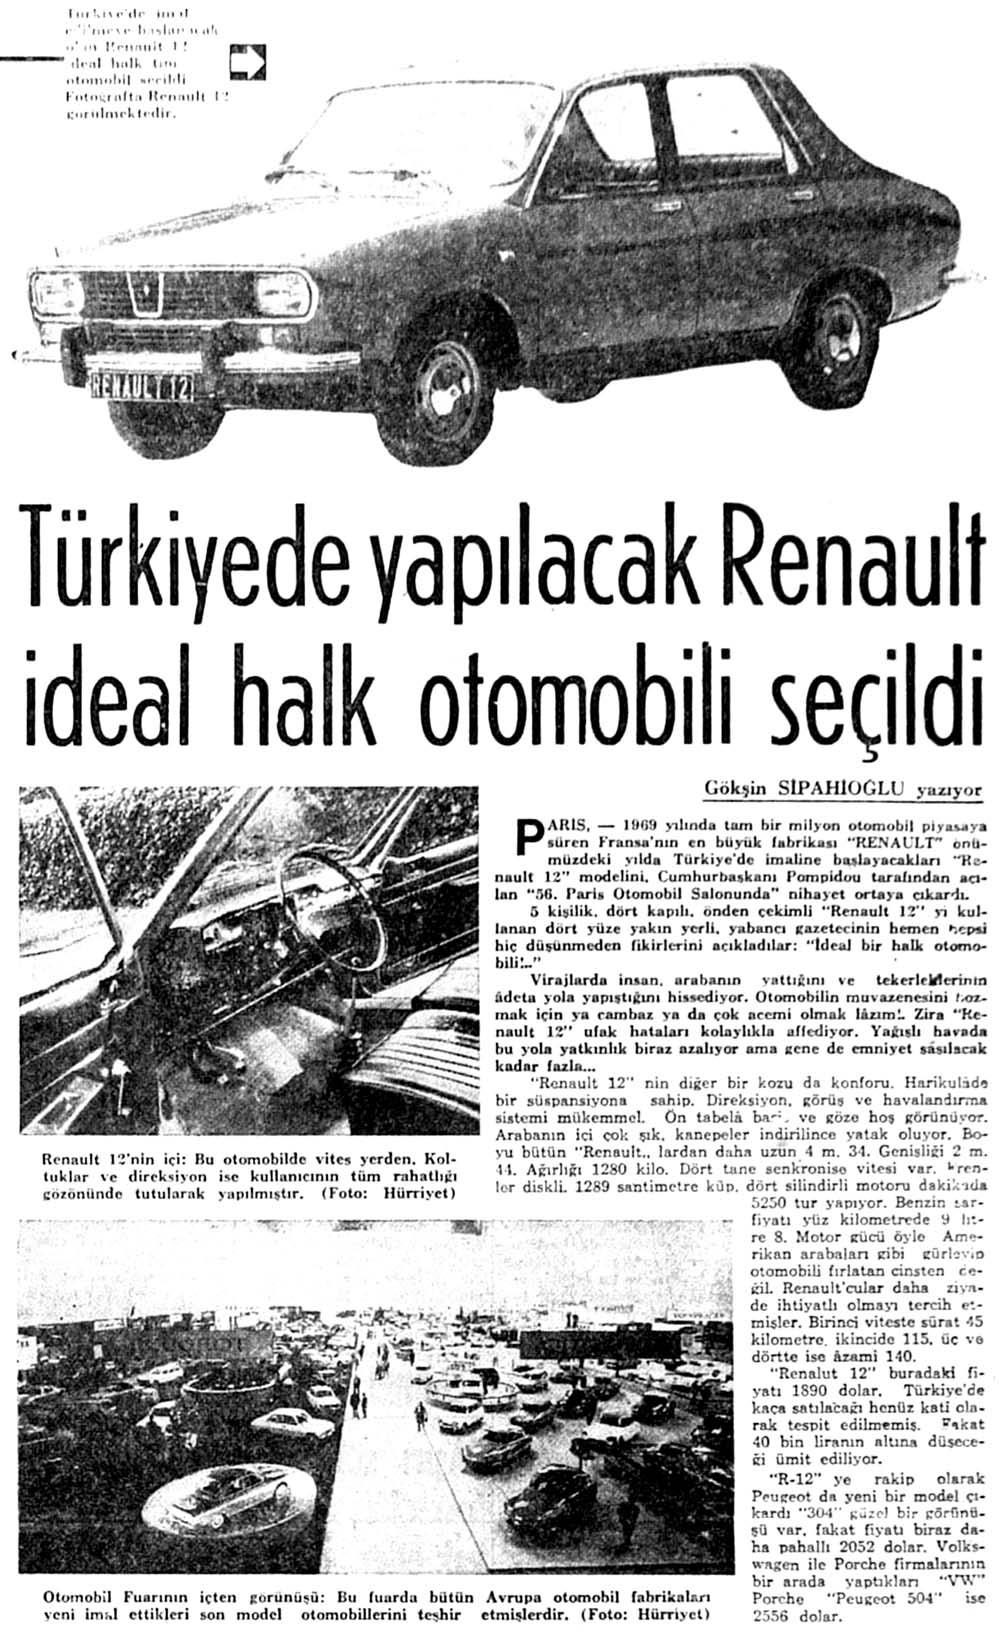 Türkiyede yapılacak Renault ideal halk otomobili seçildi